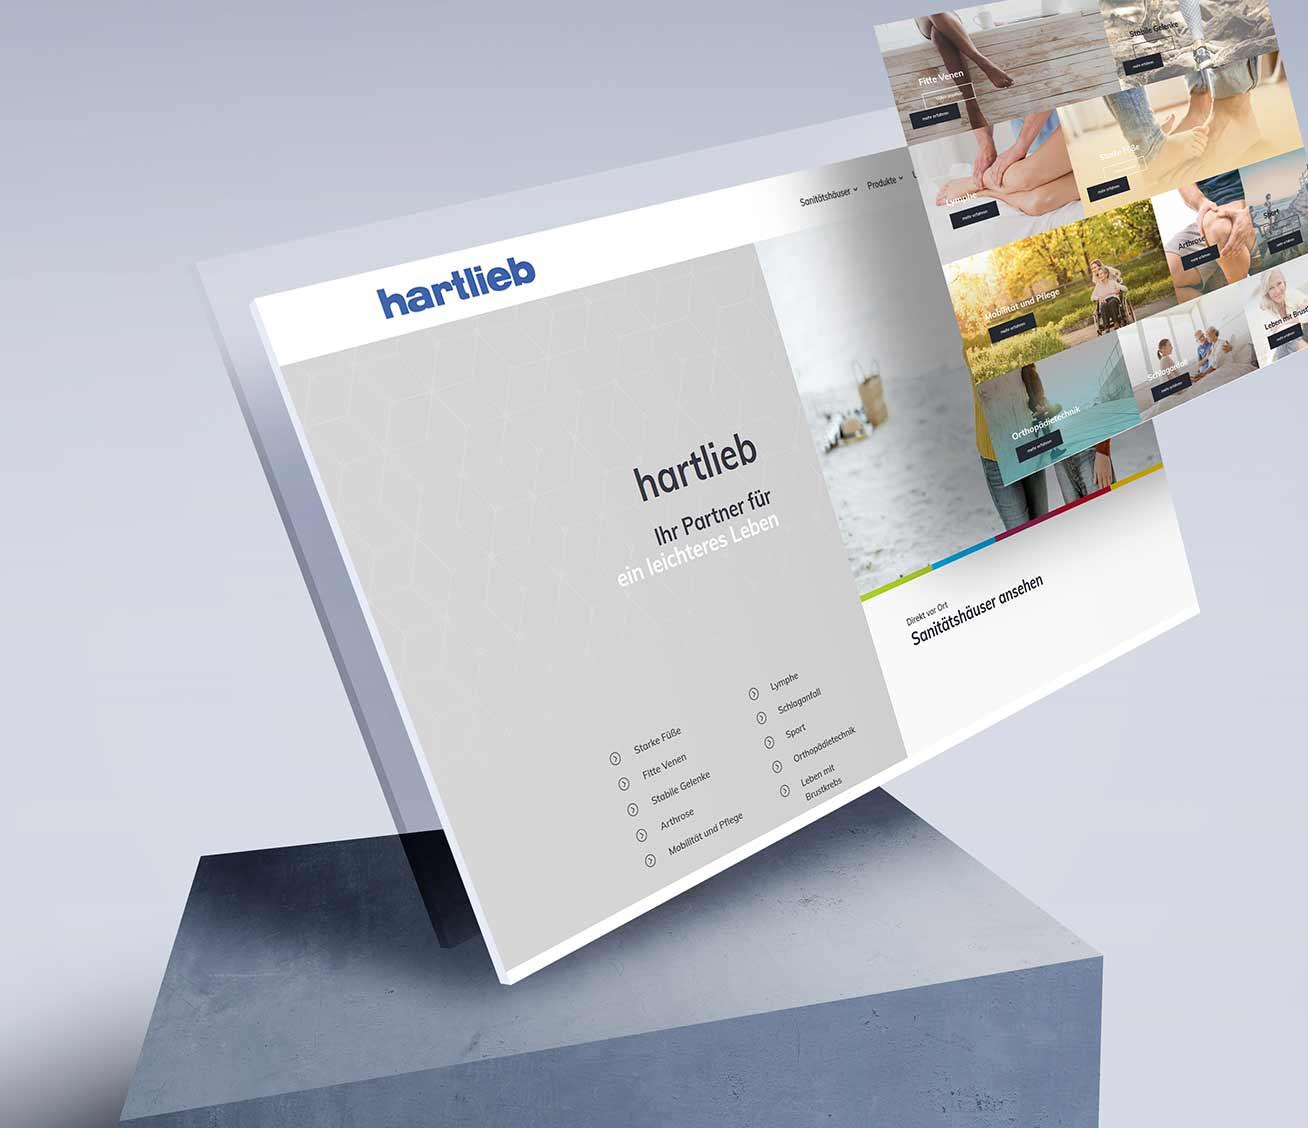 Hartlieb-Webdesign-Kundenprojekt NPG digital